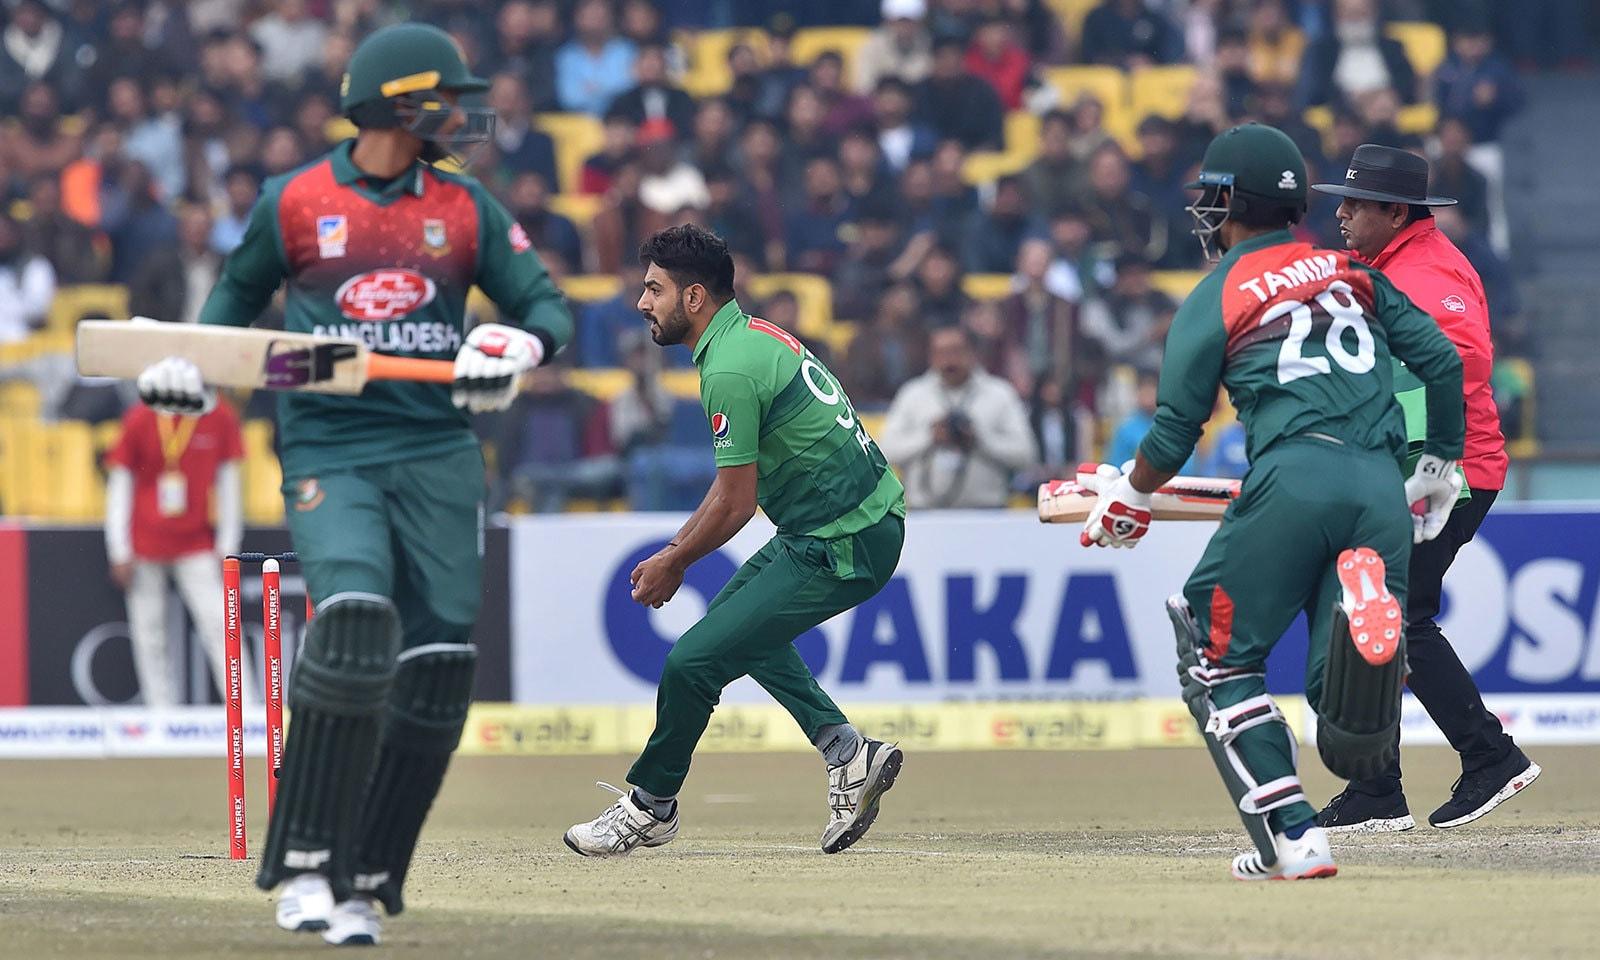 بنگلہ دیش نے مقررہ 20 اوررز میں 6 وکٹوں پر 136 رنز بنائے—فوٹو:اے ایف پی